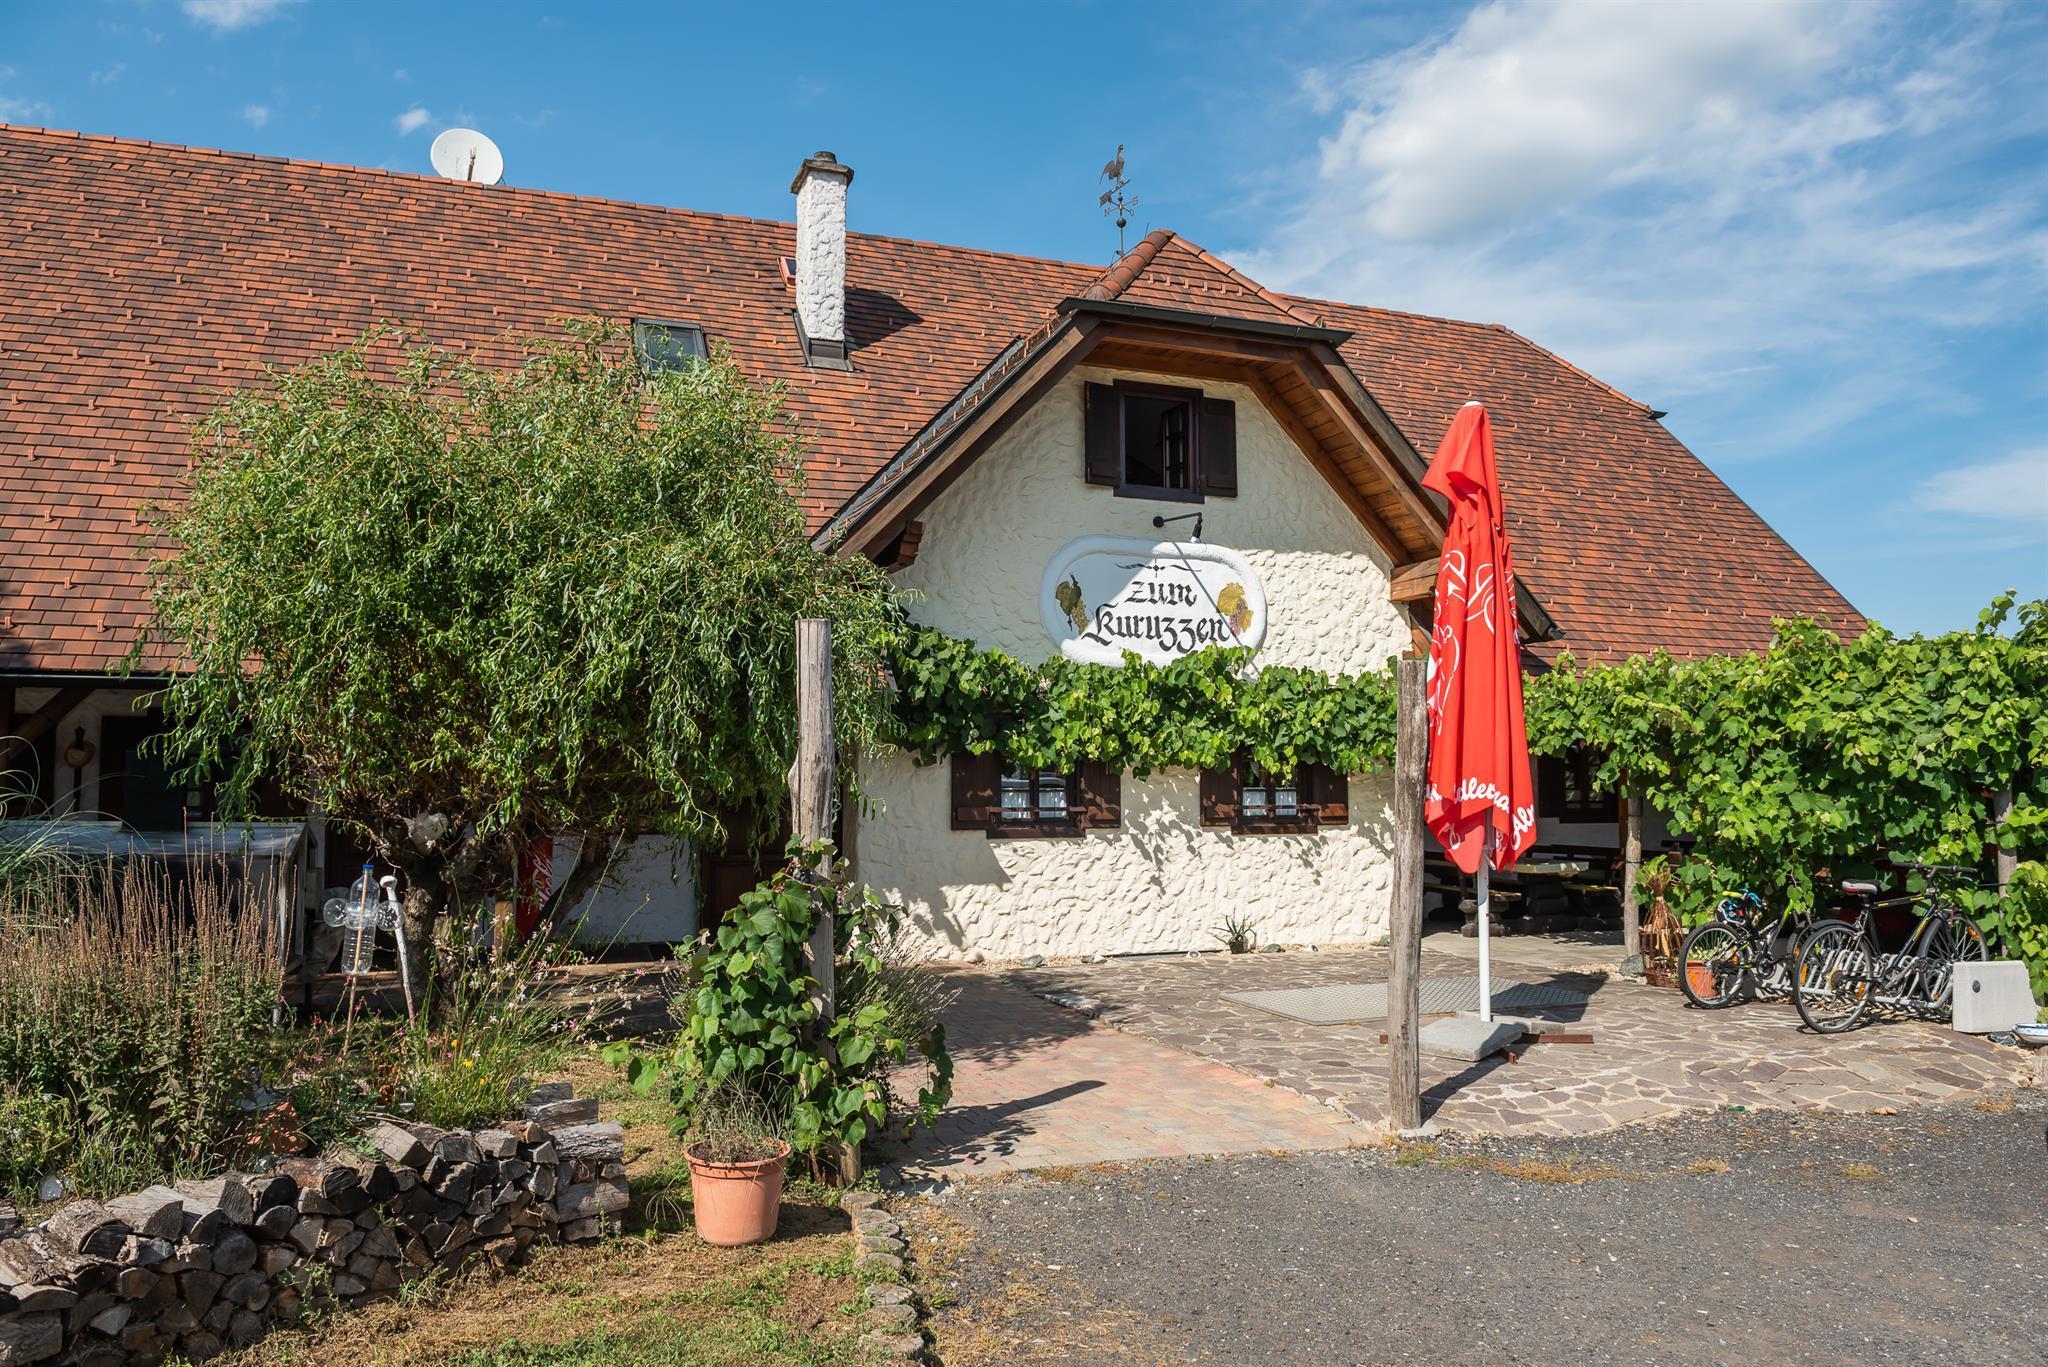 Heuriger zum Kuruzzen in Burgauberg